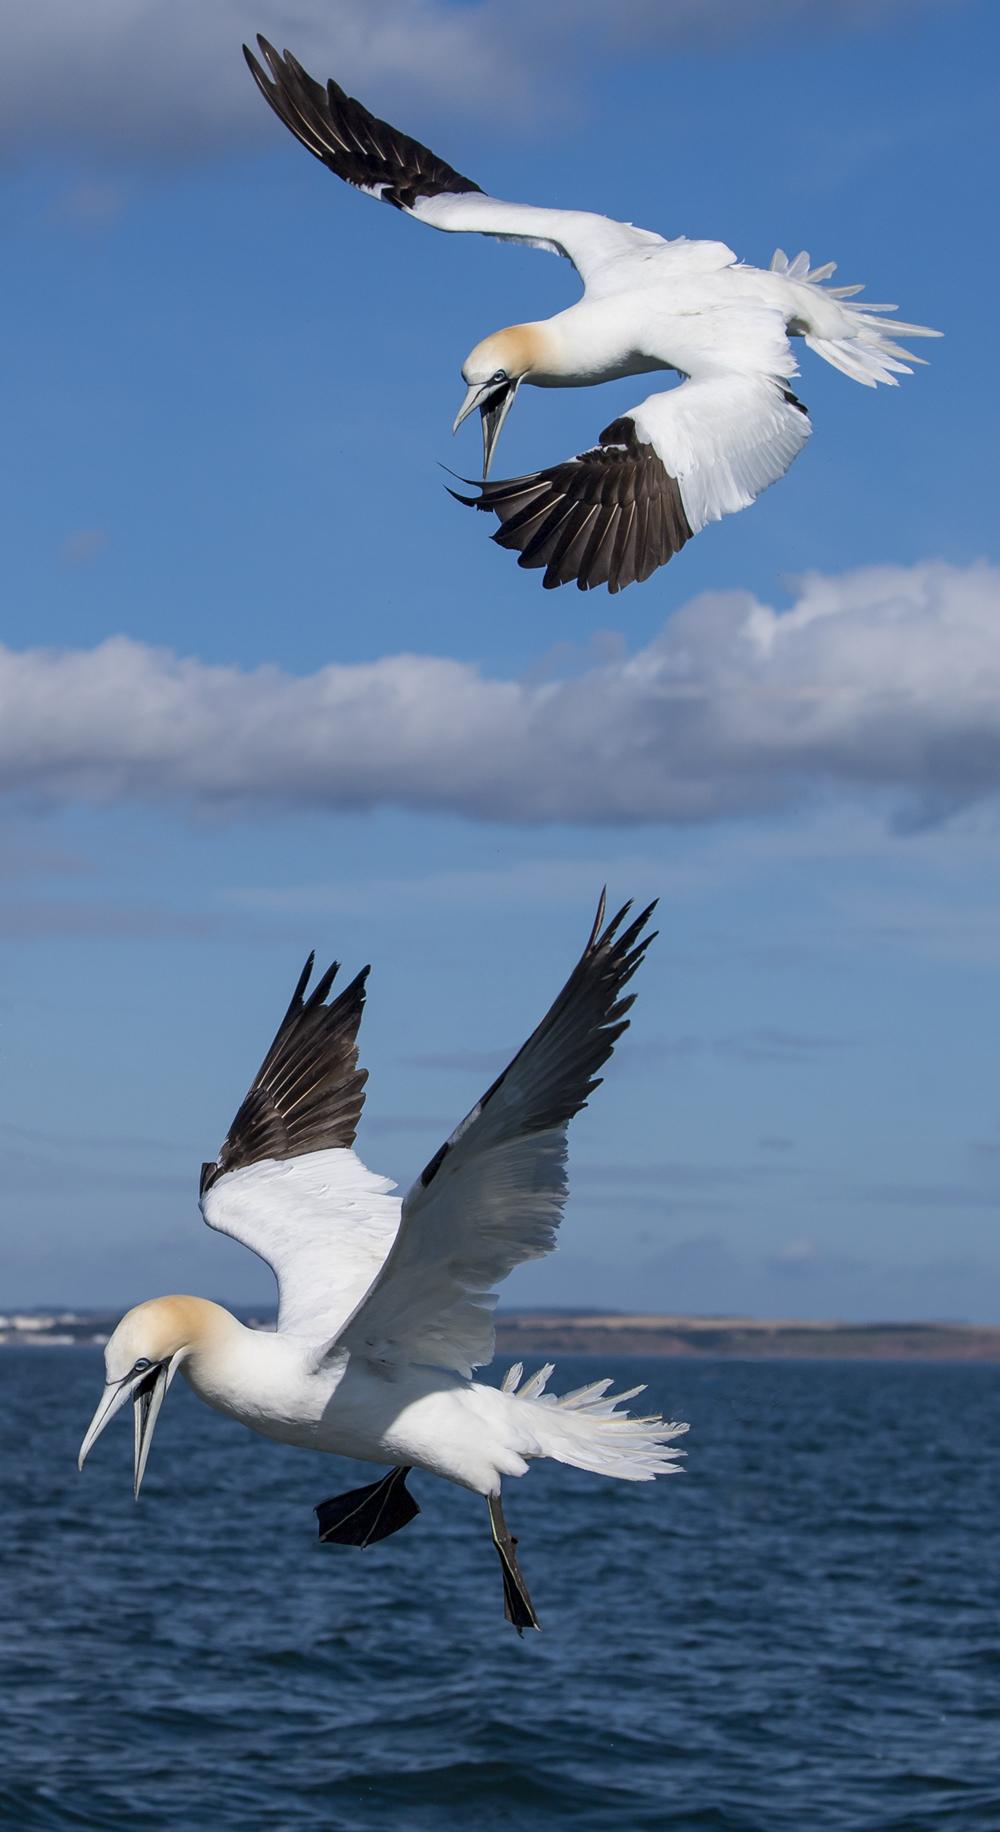 Northern Gannet by Martyn Jones - BirdGuides